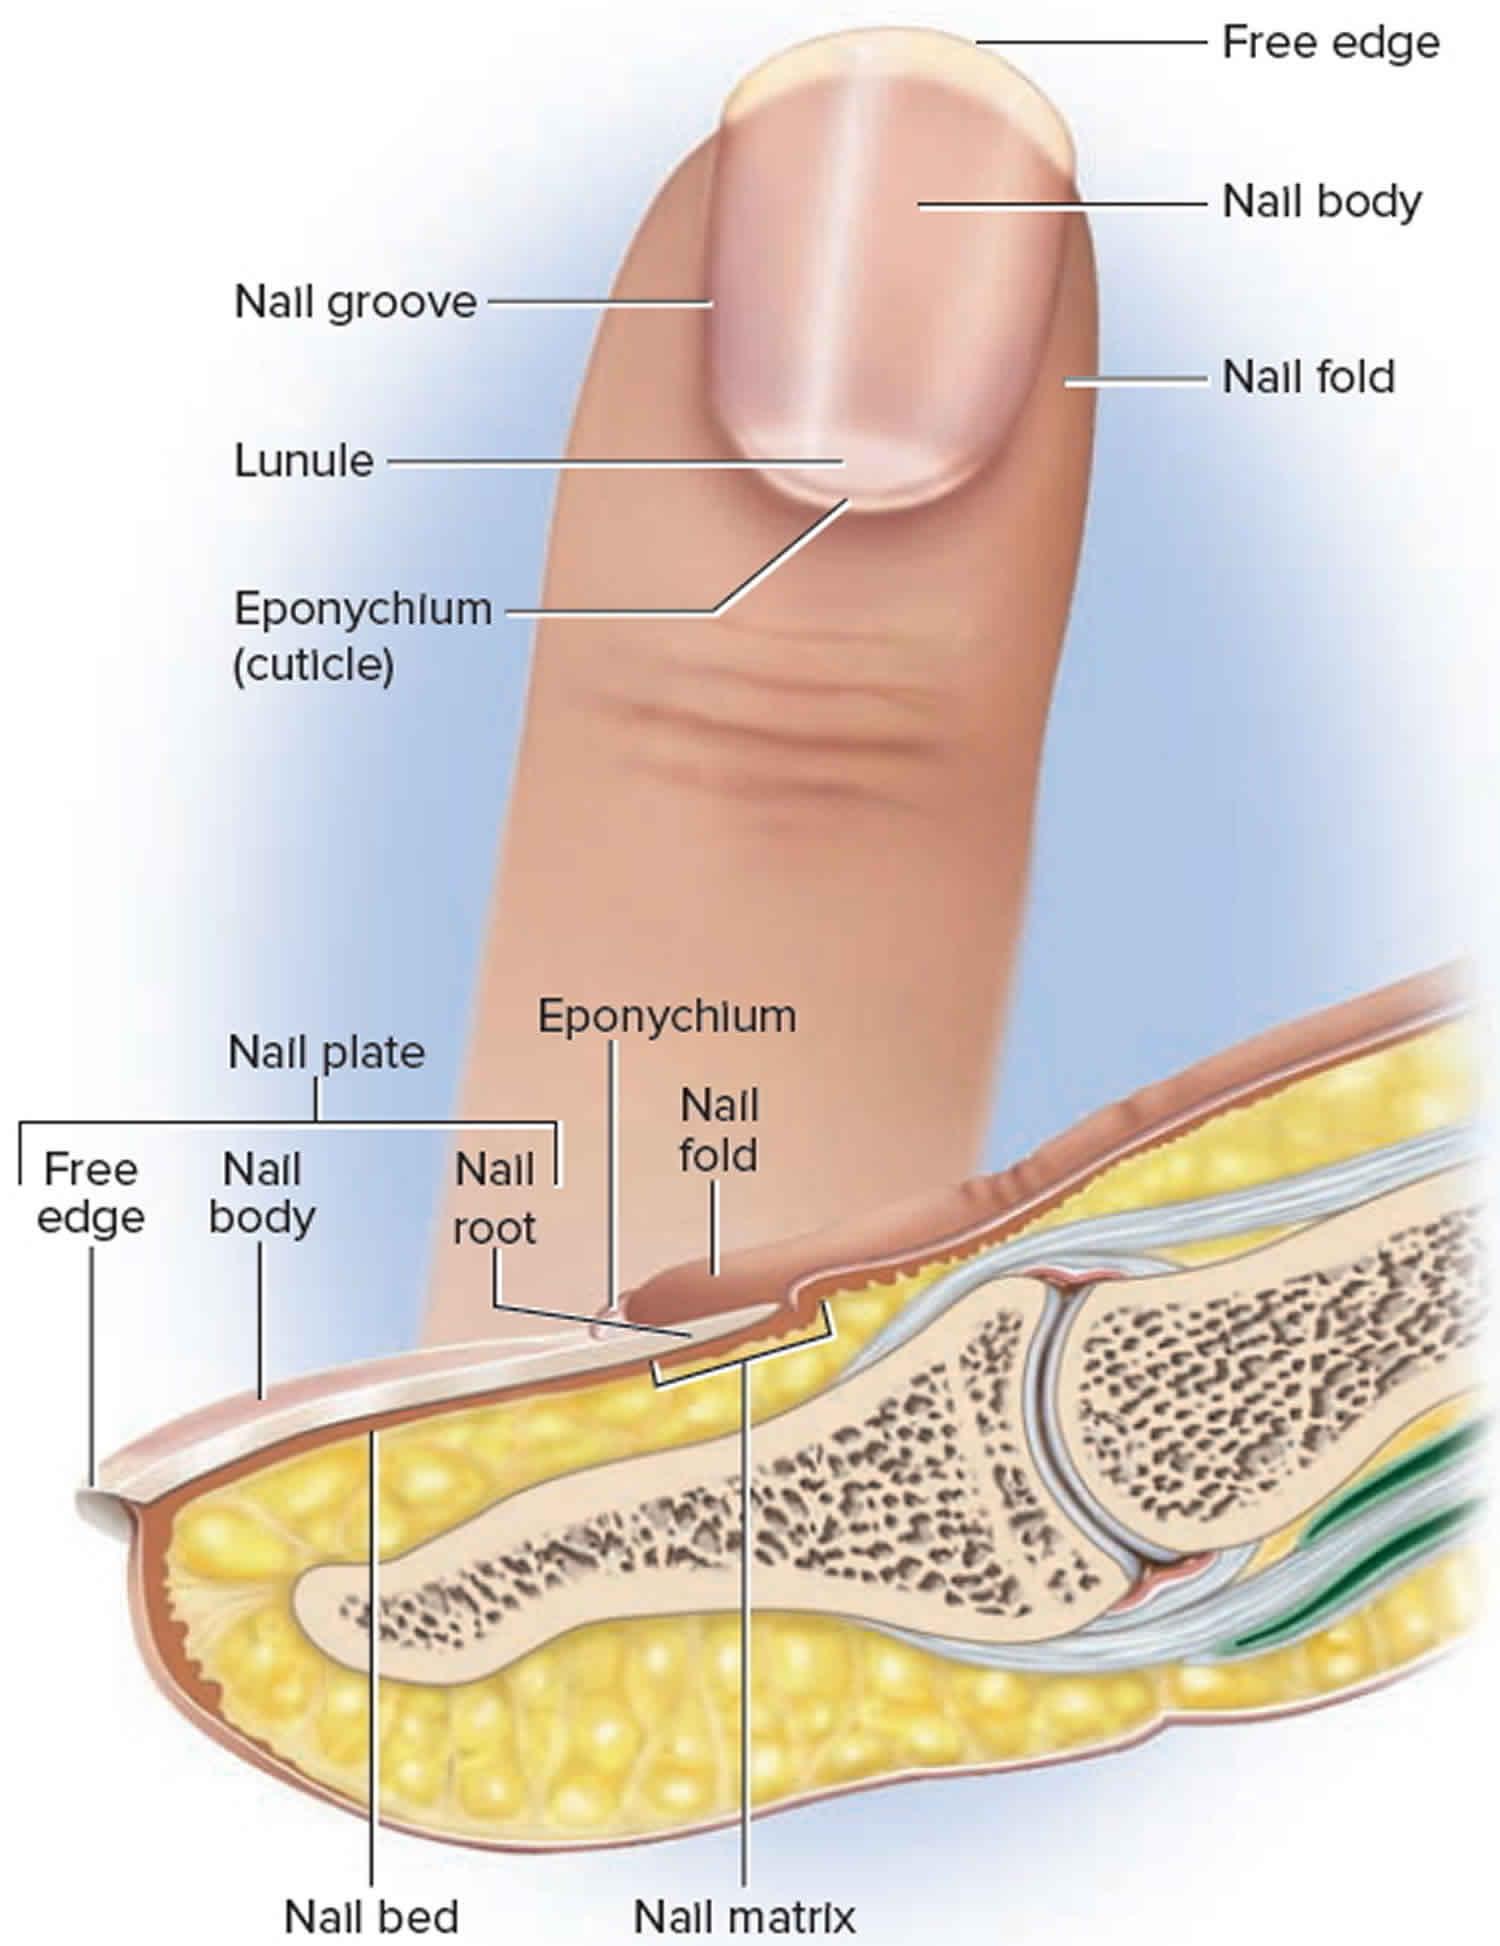 Fingernail